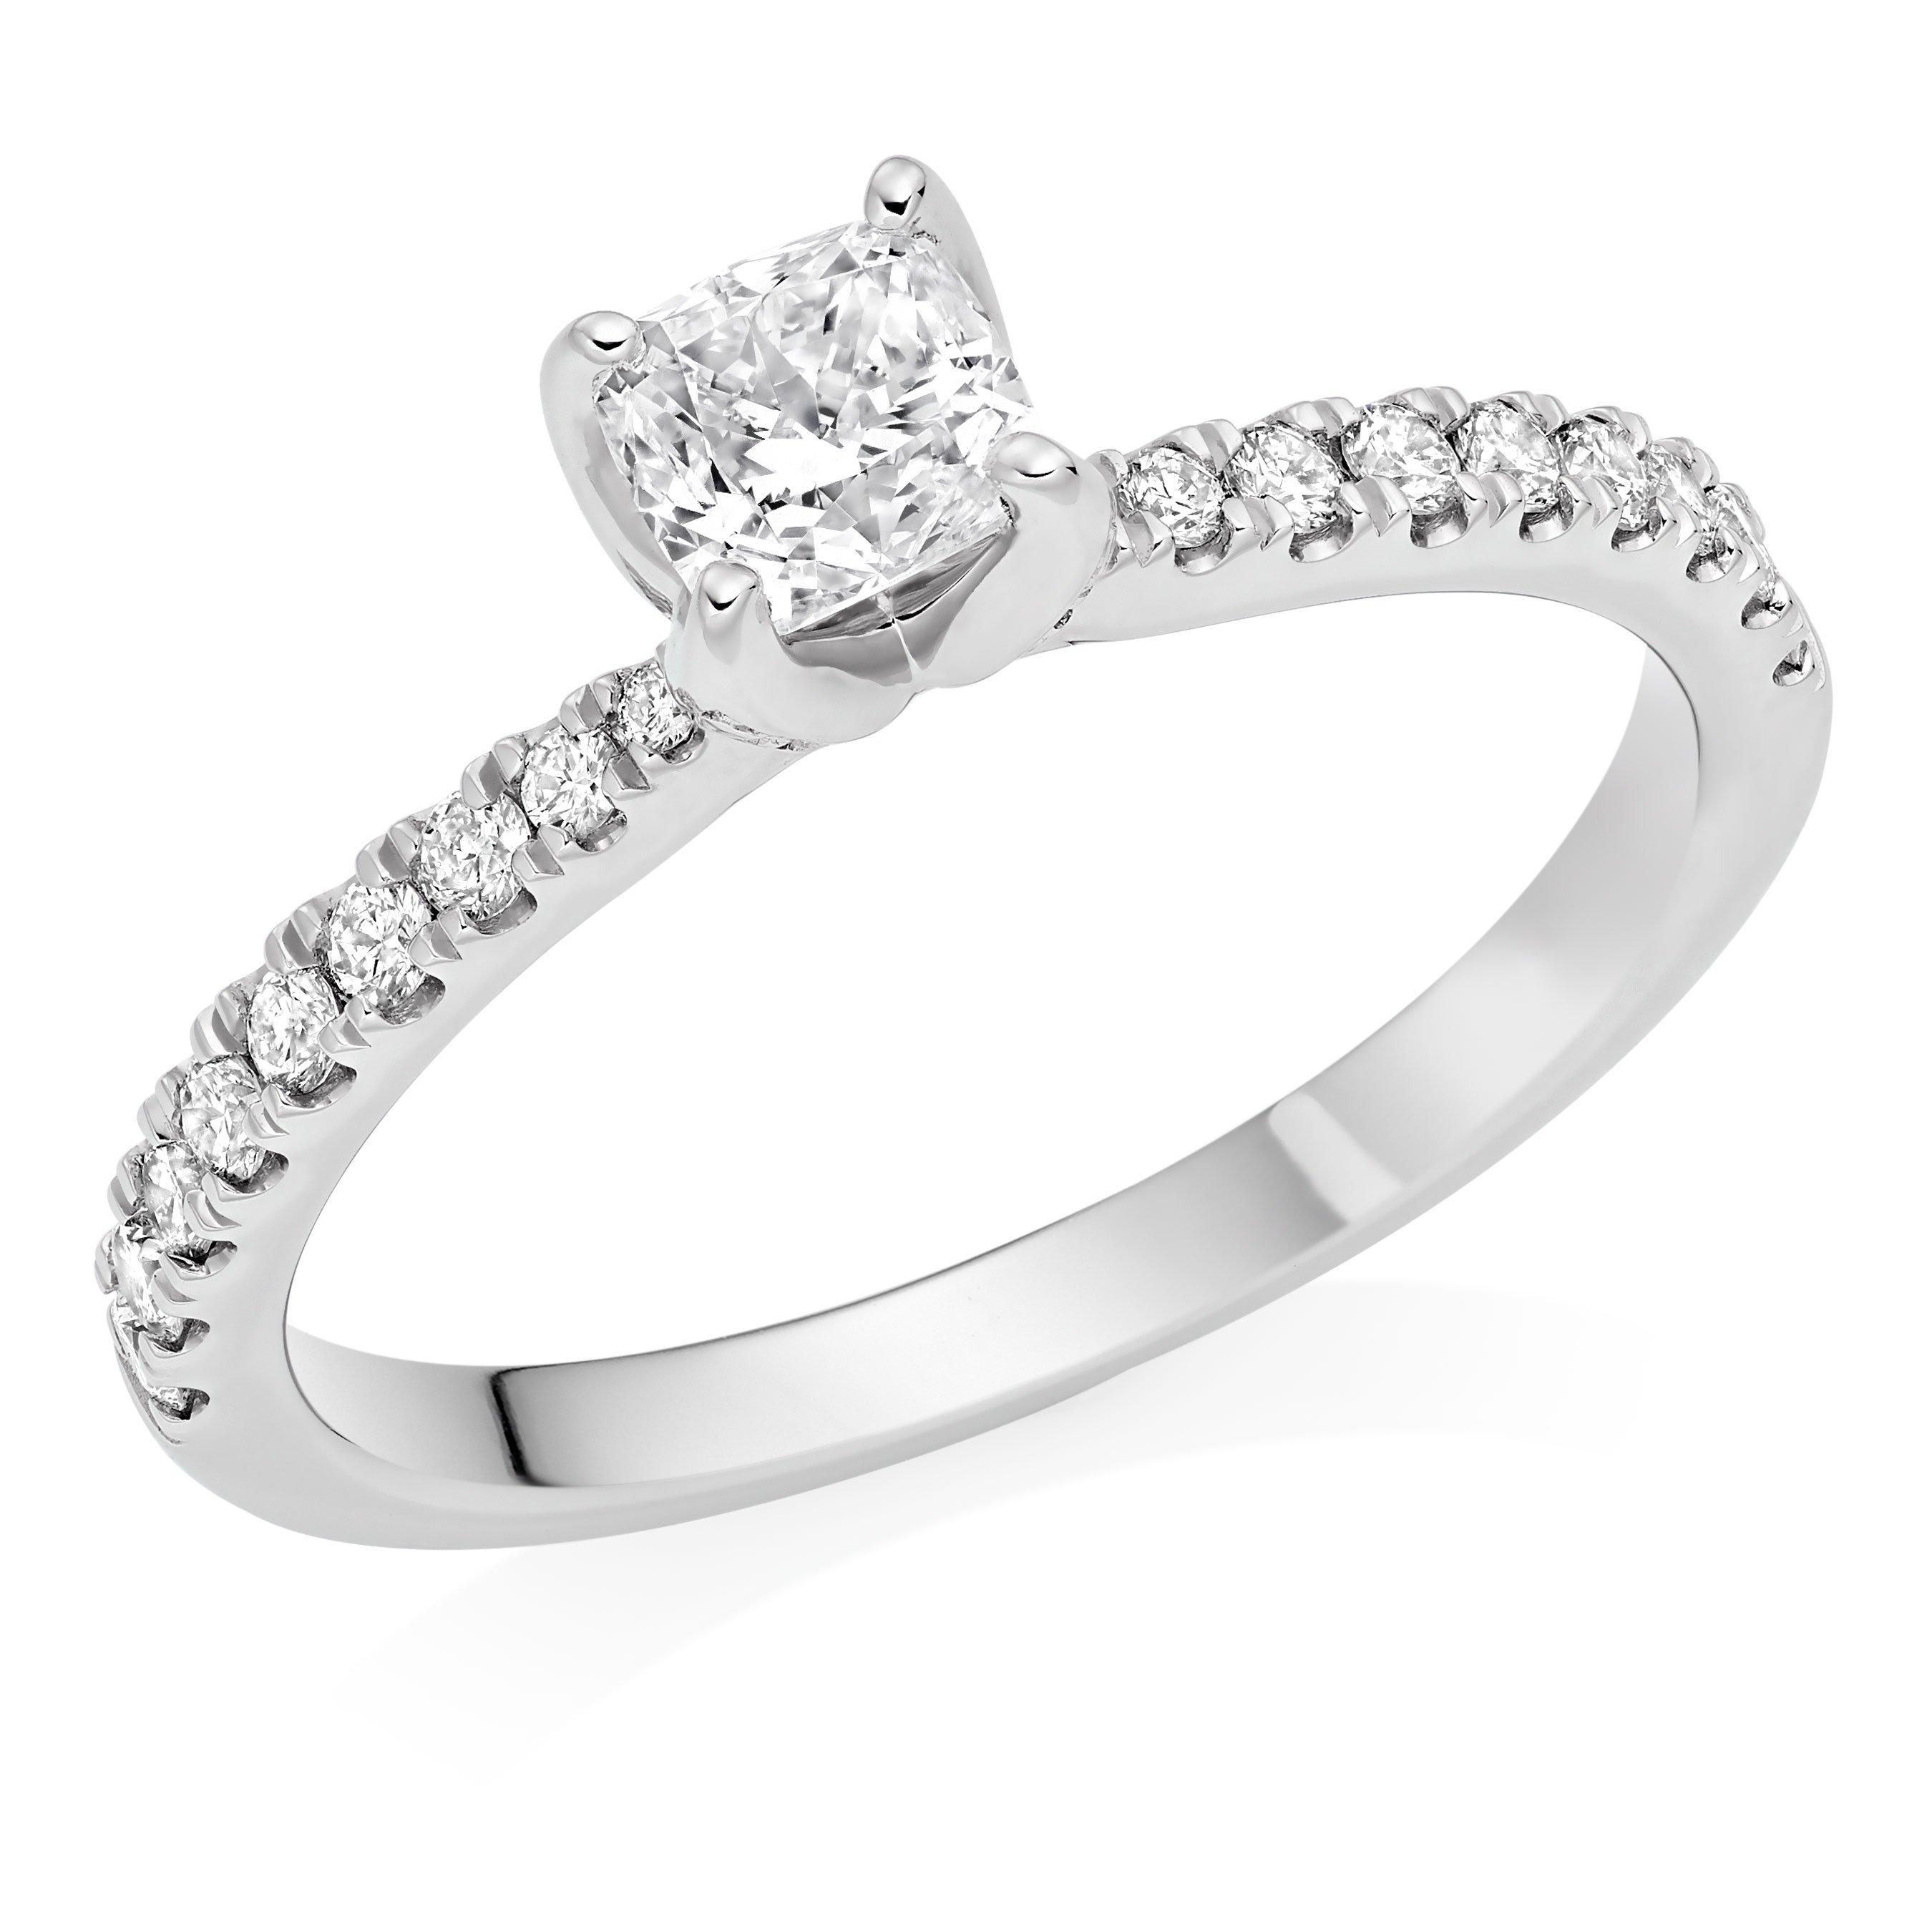 Royal Asscher GuineverePlatinum Diamond Royal Asscher Cushion Cut Solitaire Ring